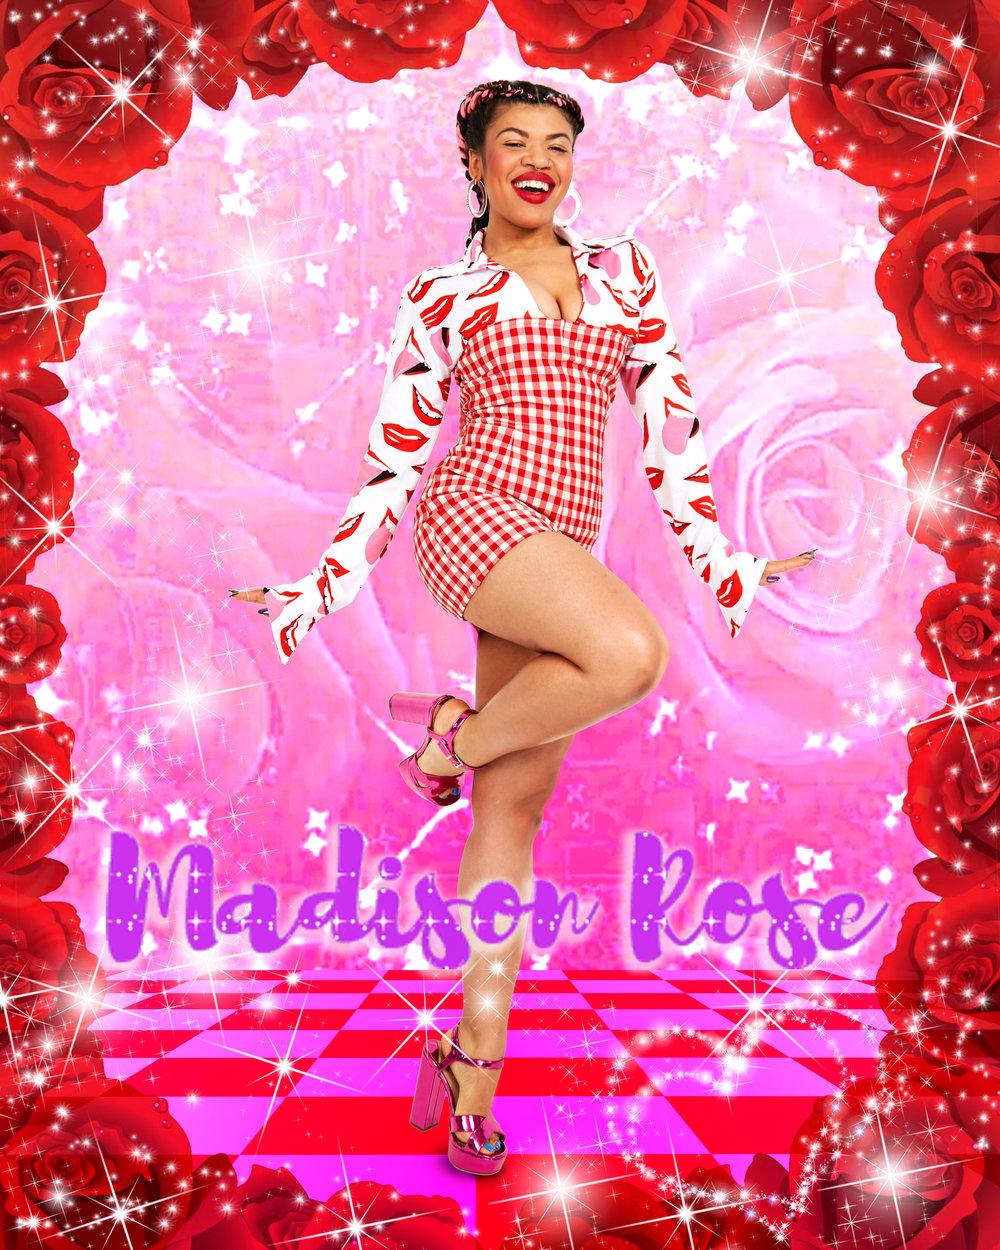 Madison_Rose-001a.jpg